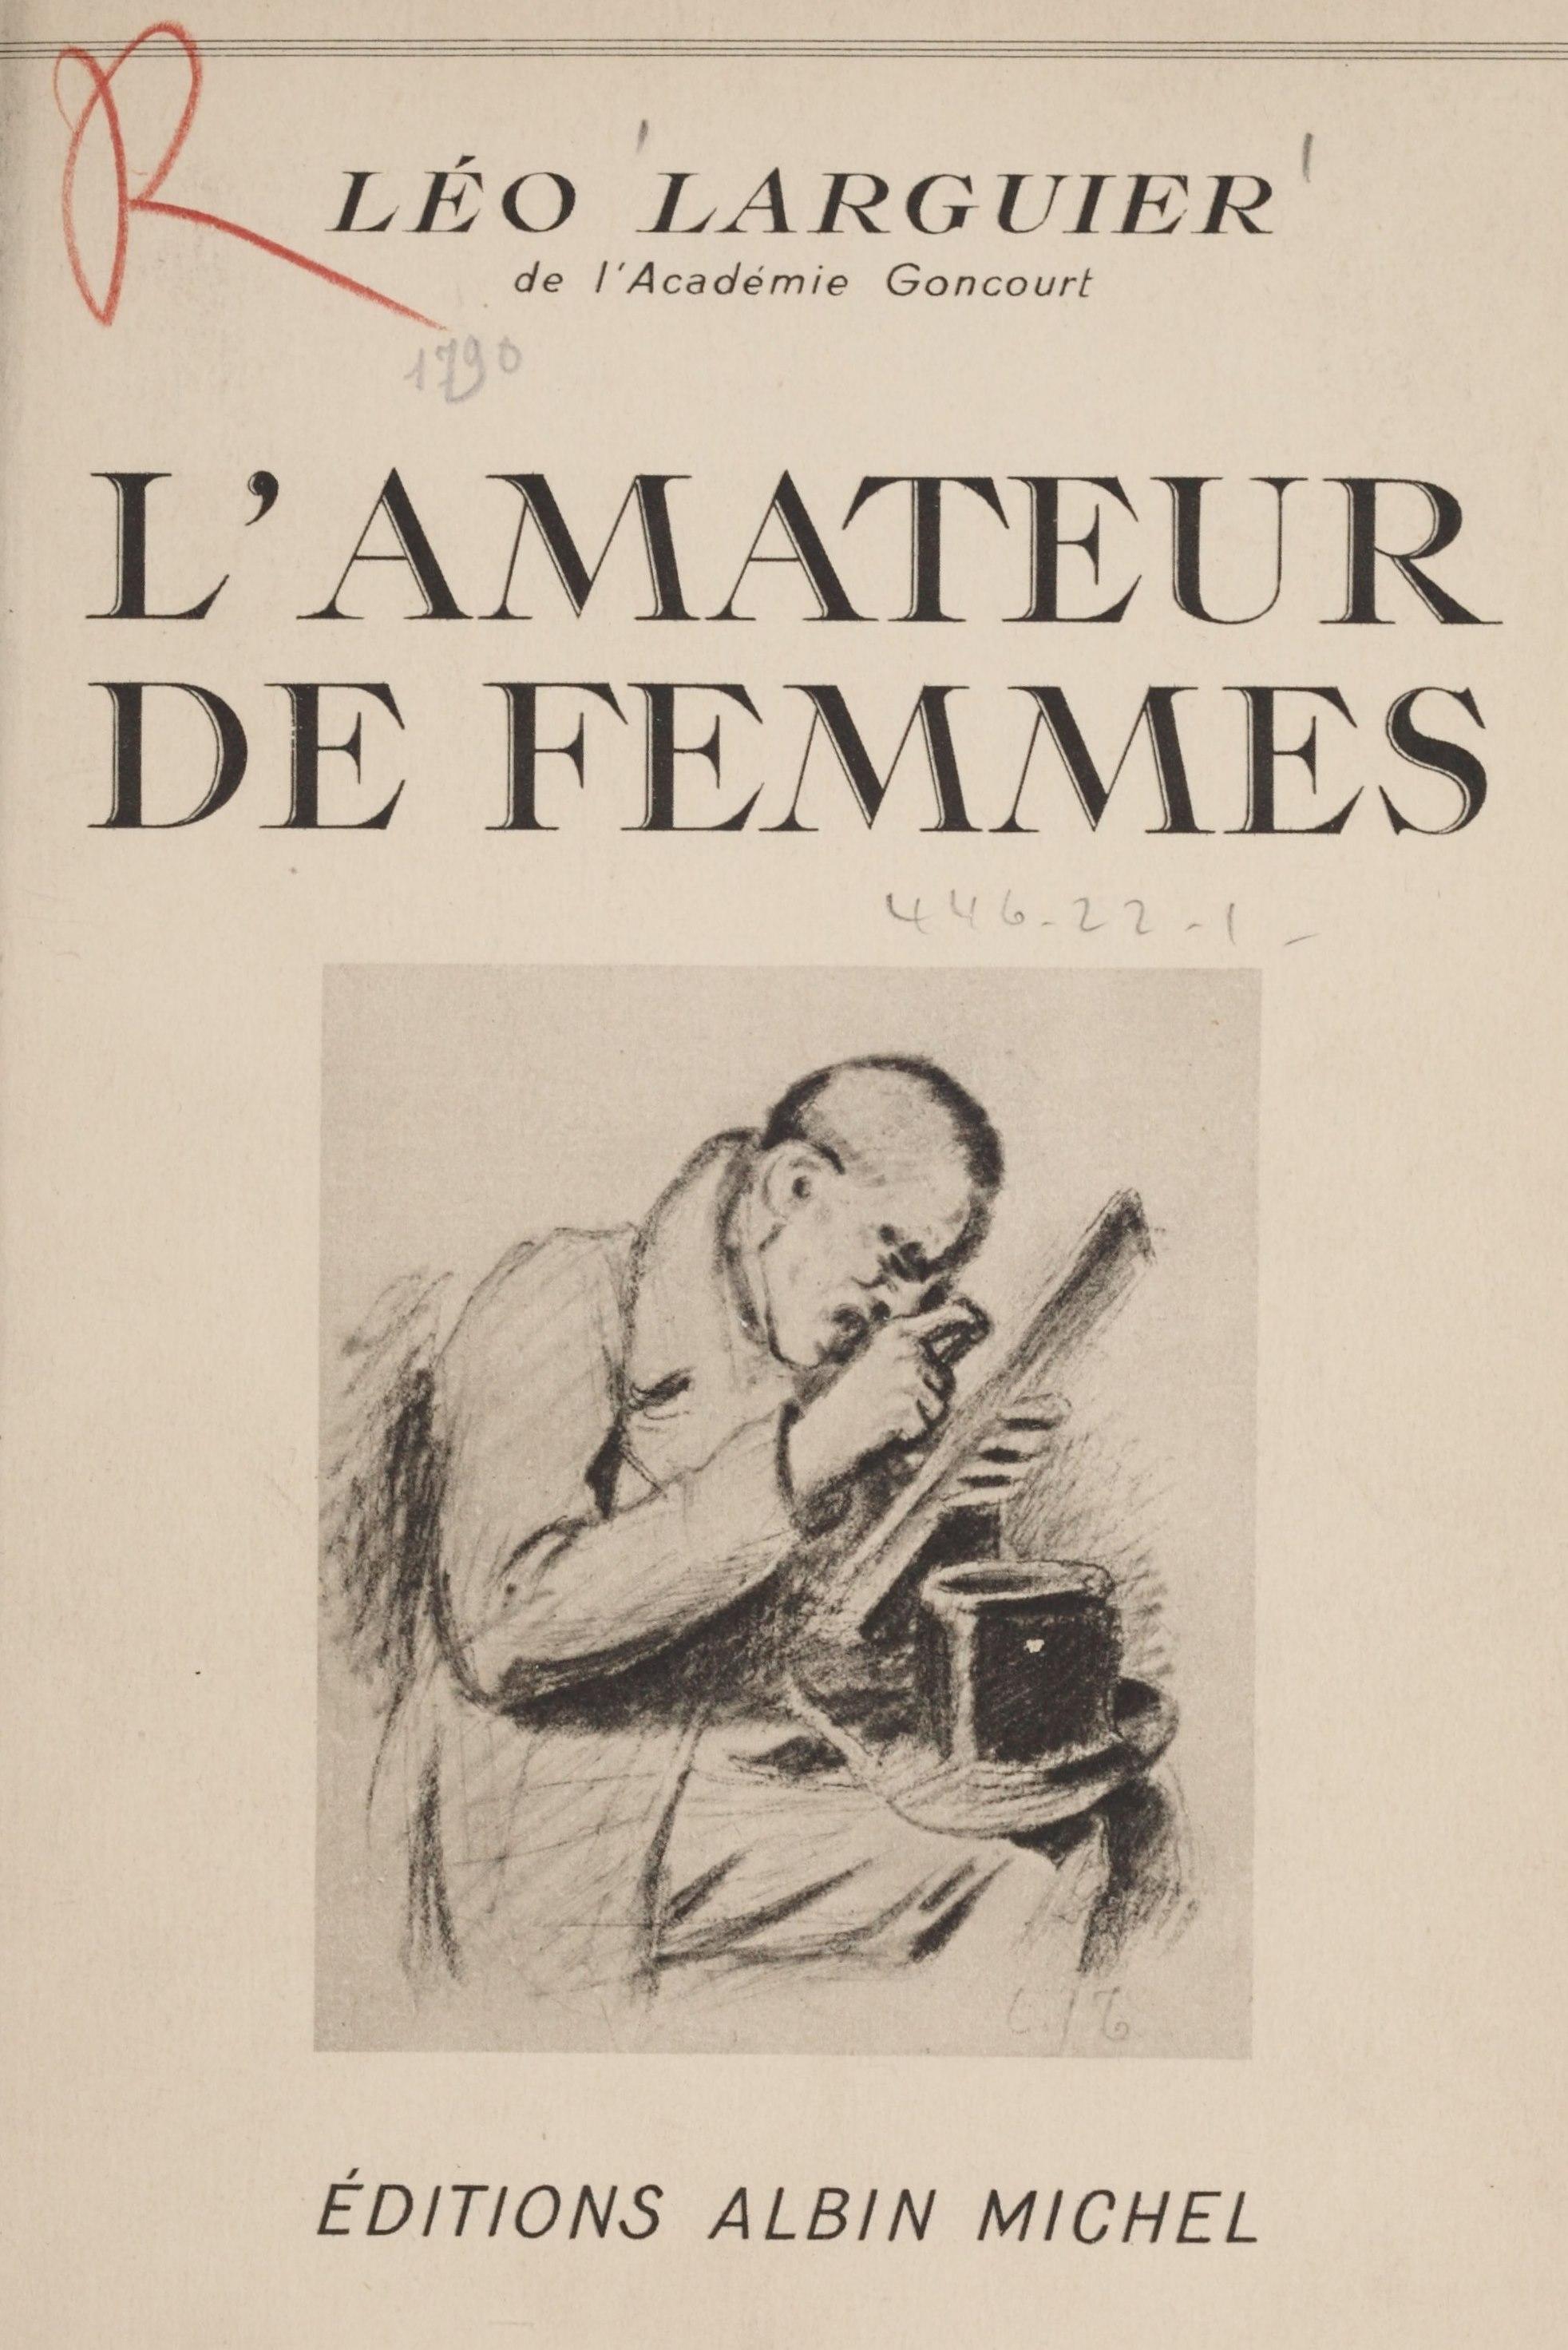 L'amateur de femmes